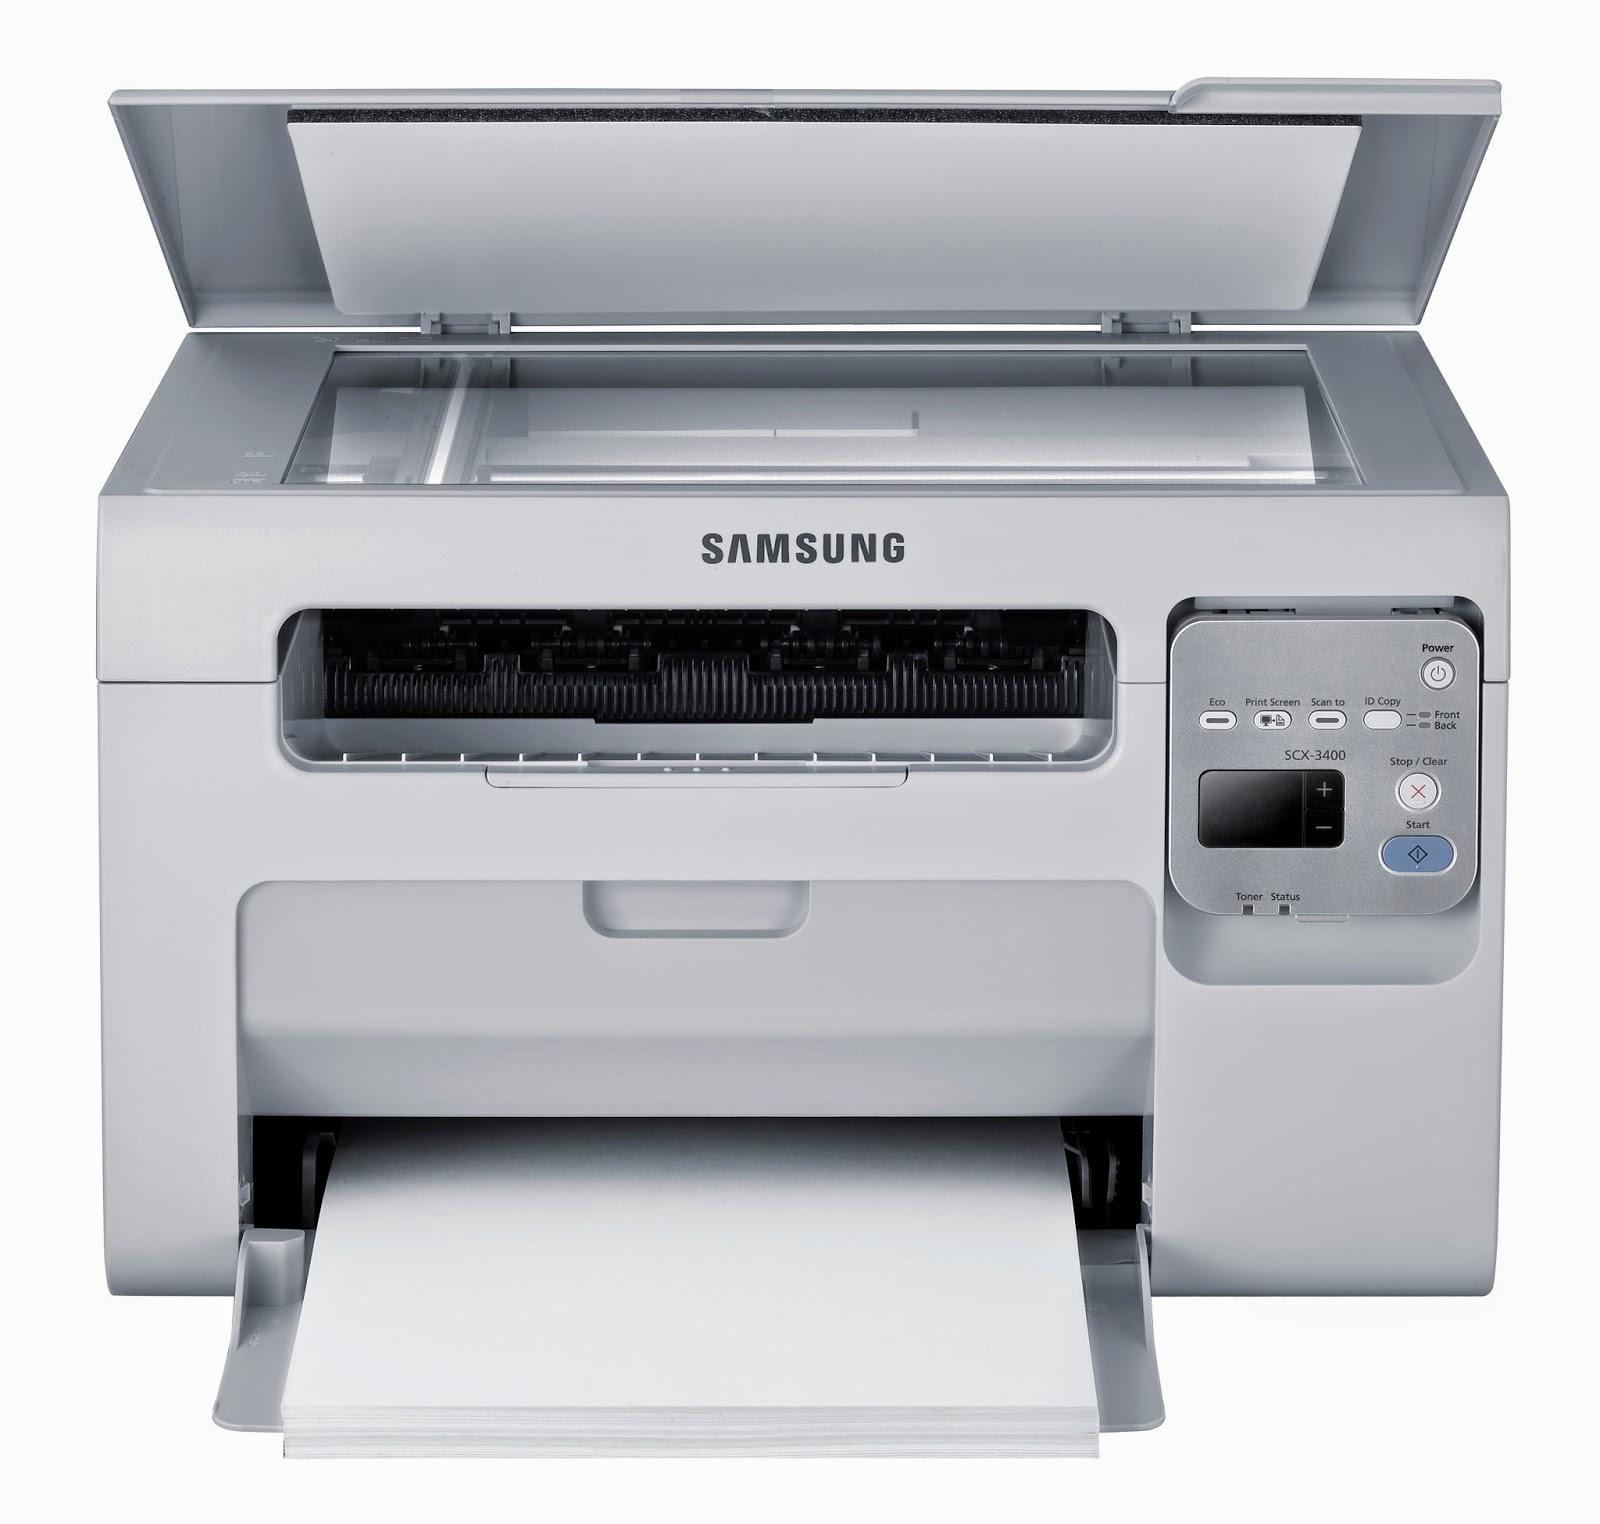 драйвер для принтера samsung scx series scx-3400